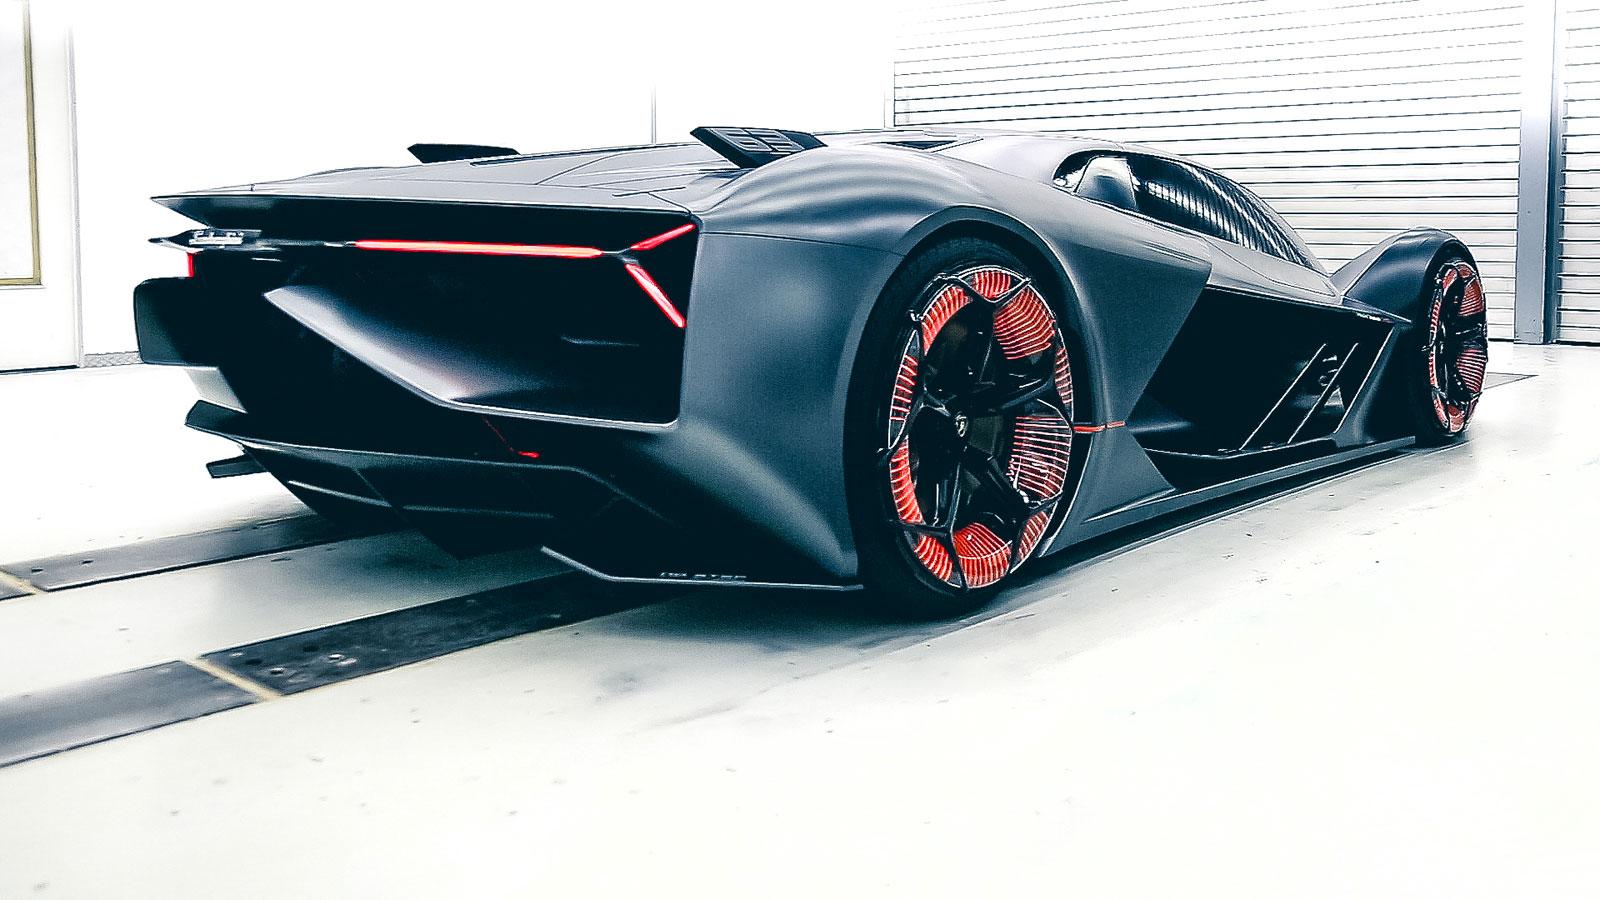 Lamborghini Terzo Millennio Concept Car Body Design